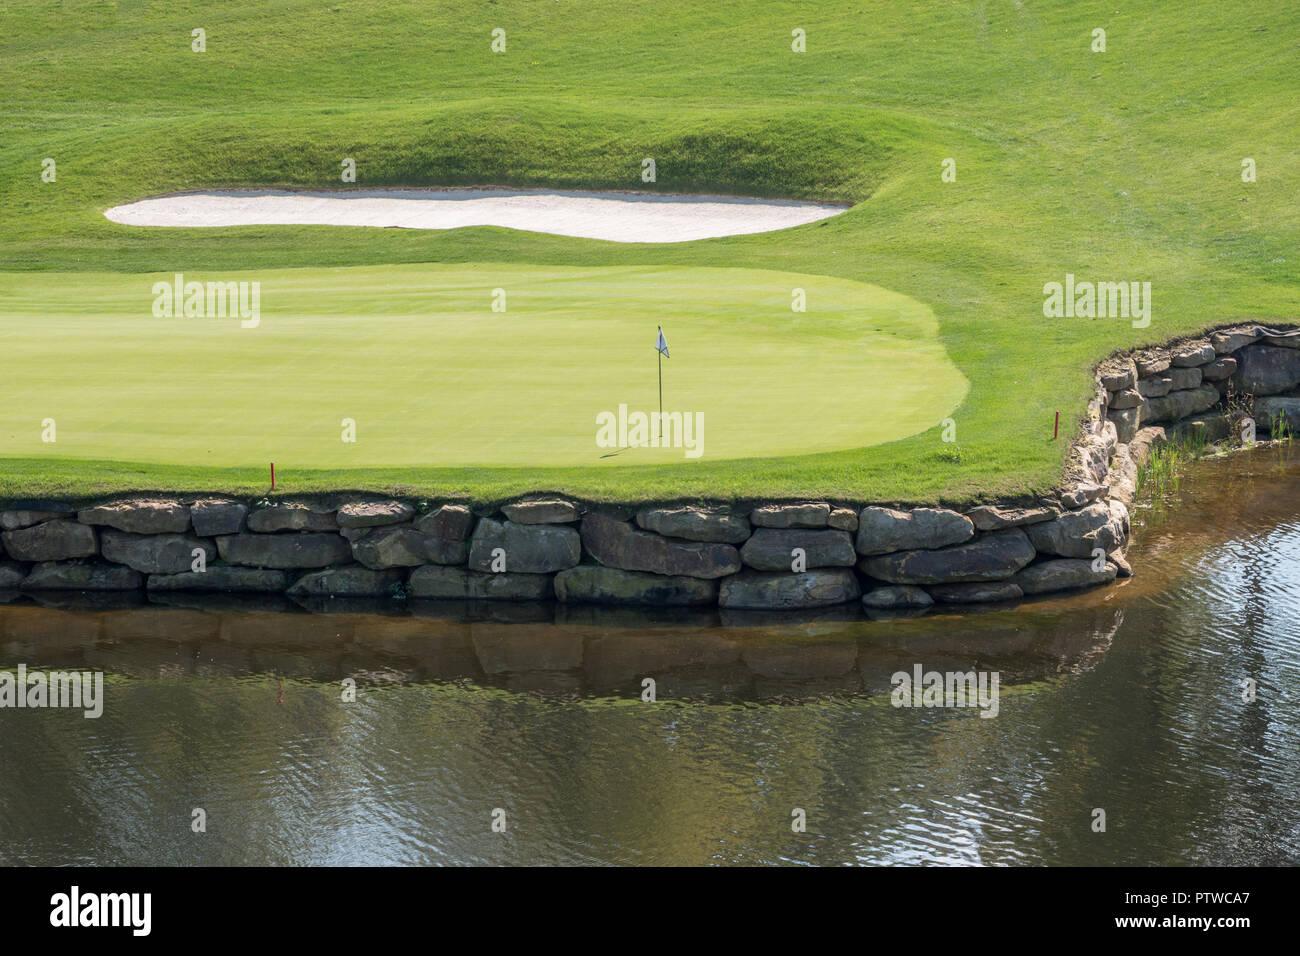 Anspruchsvolle Bohrung auf Luxus Golf Kurs mit Wasser und Sand Stockbild